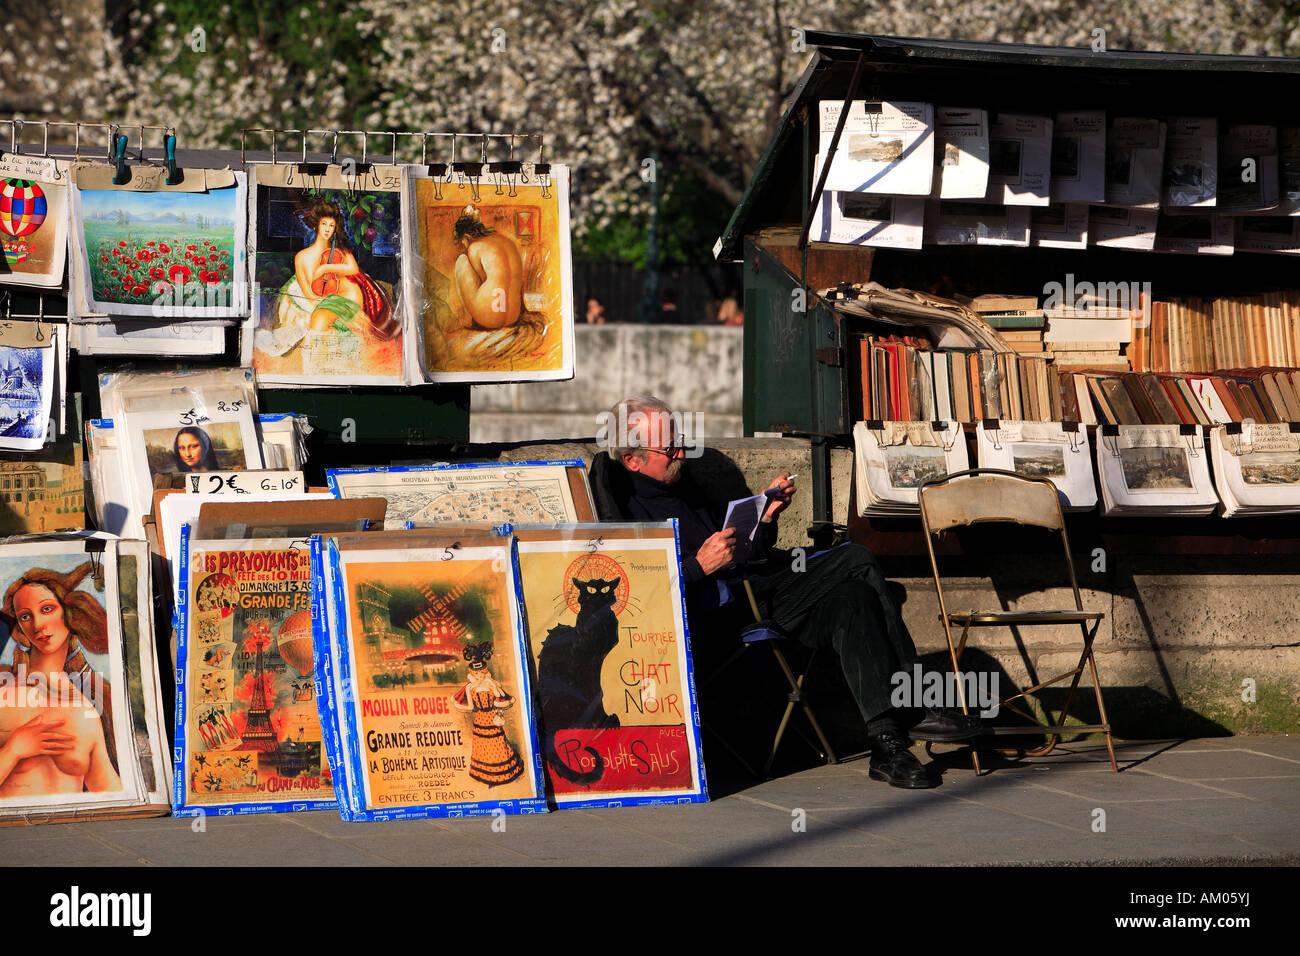 France, Paris, book seller stalls on the Quais de Seine - Stock Image